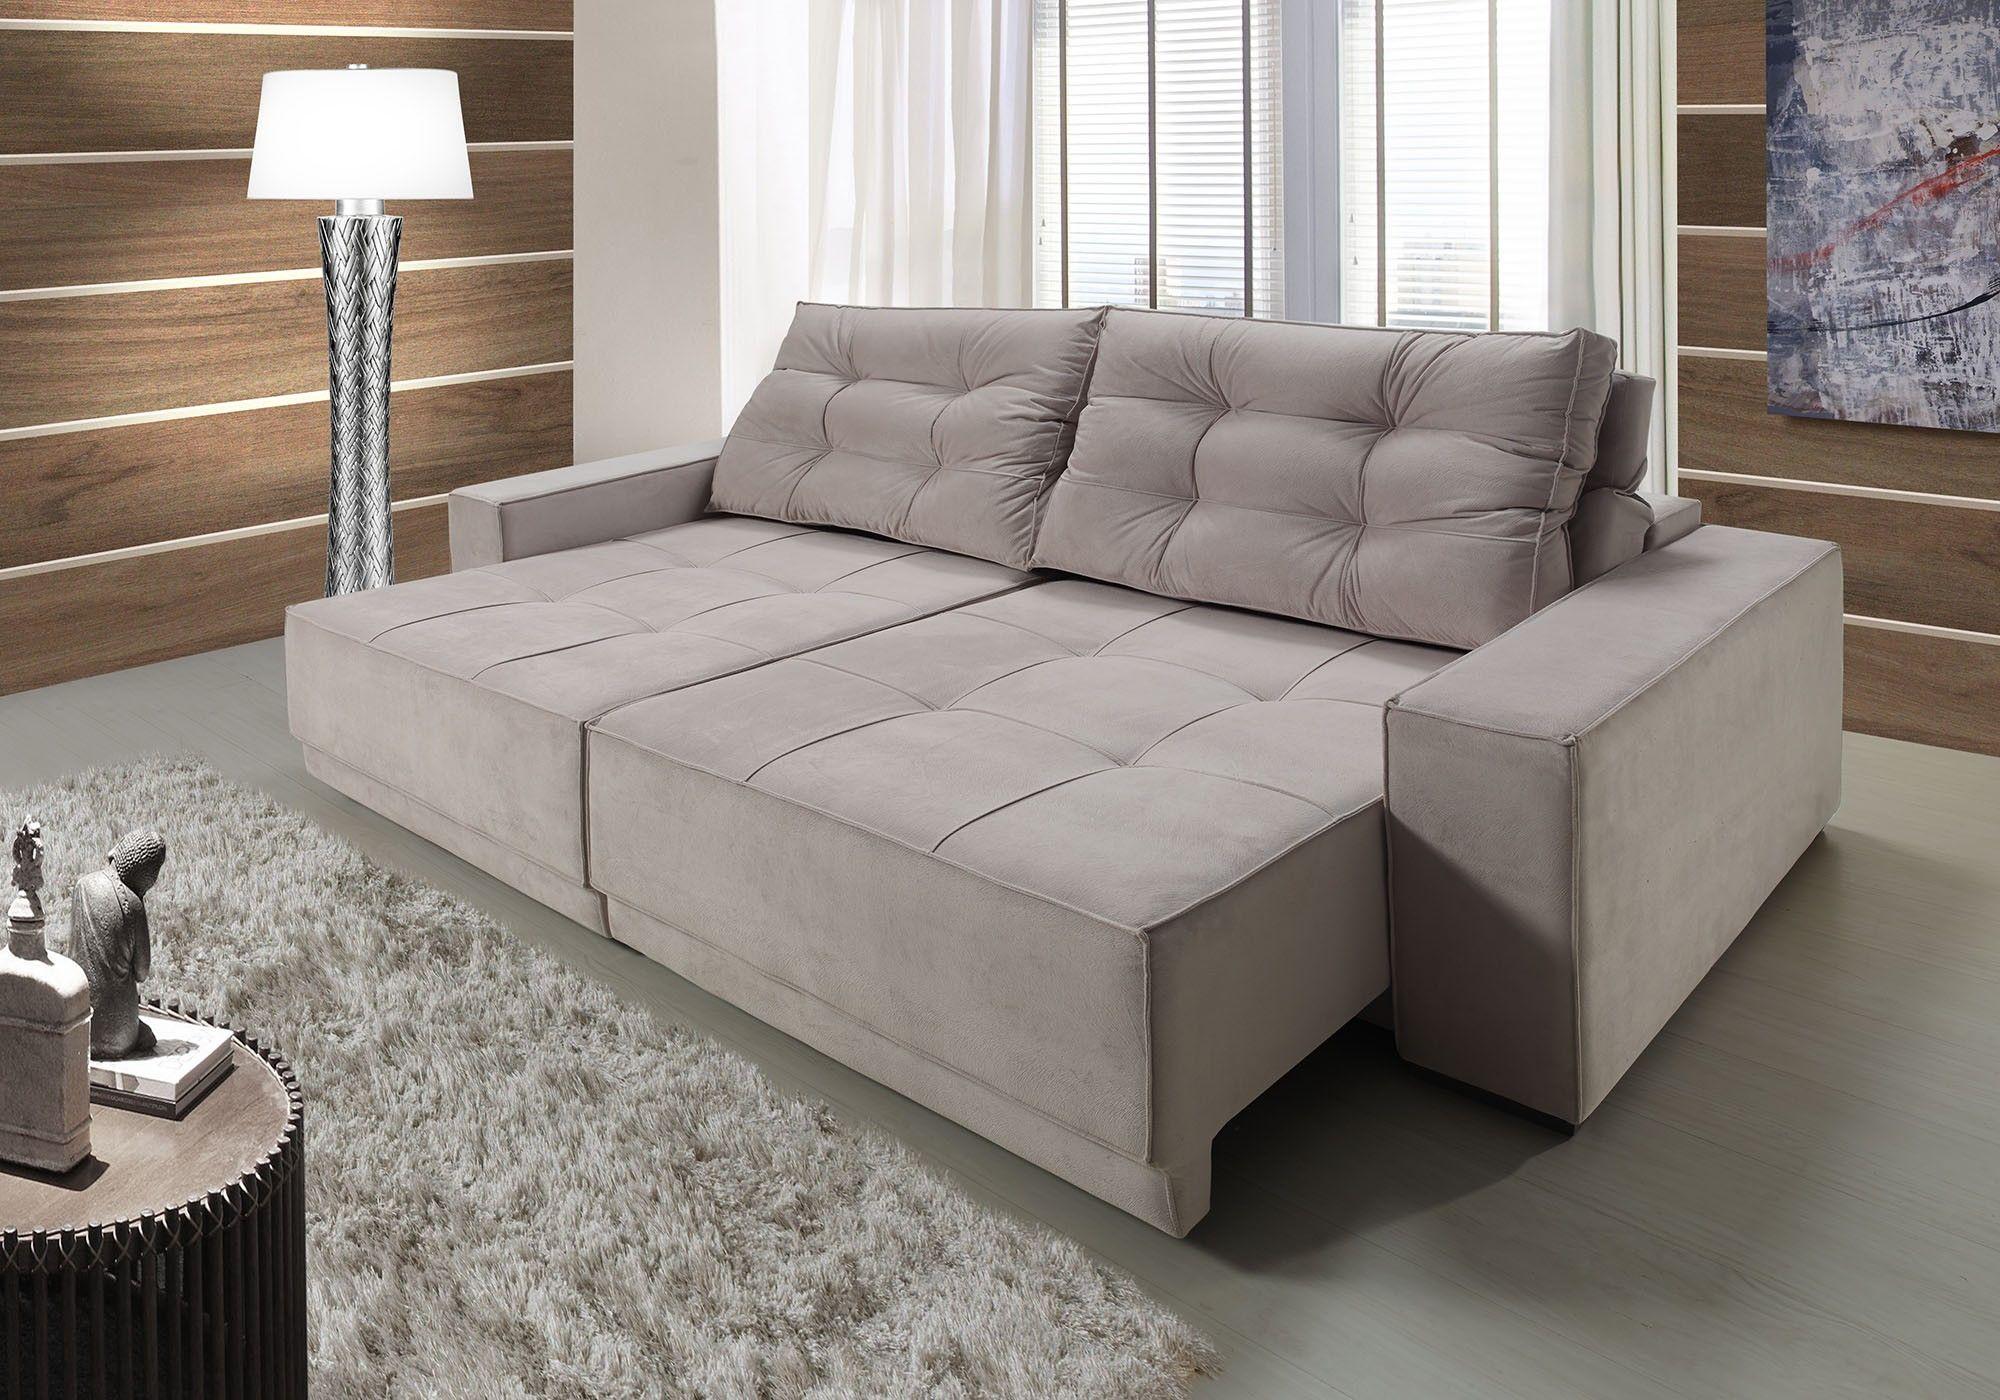 sofa usado olx rio de janeiro modern set pune maharashtra sofá dominant 3 lugares assento retrátil e encosto